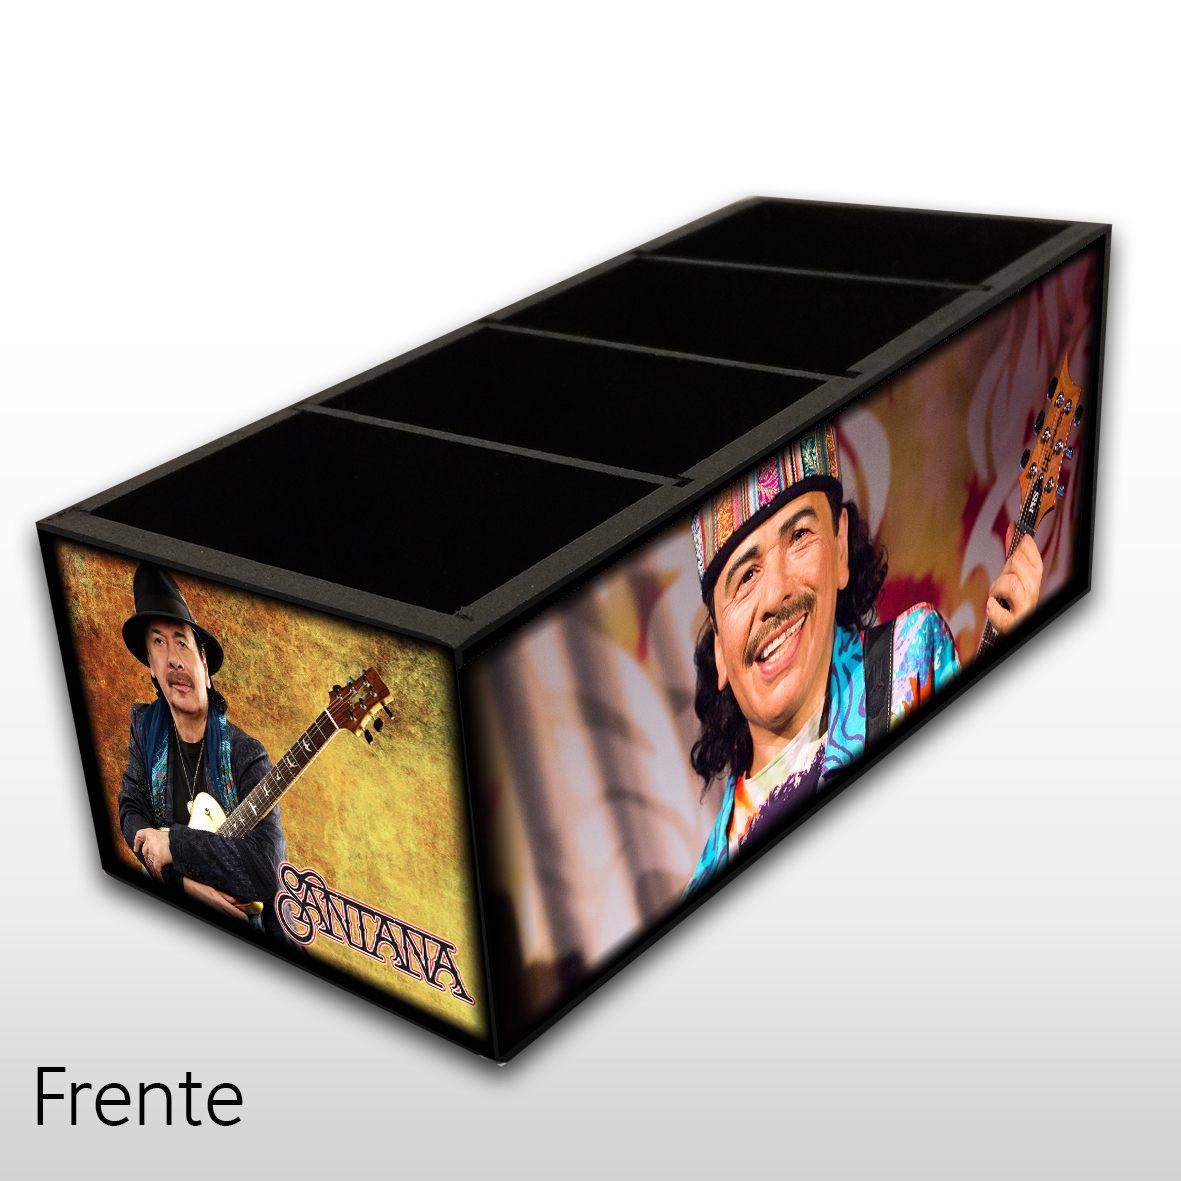 Carlos Santana - Porta Controles em Madeira MDF - 4 Espaços - Mr. Rock